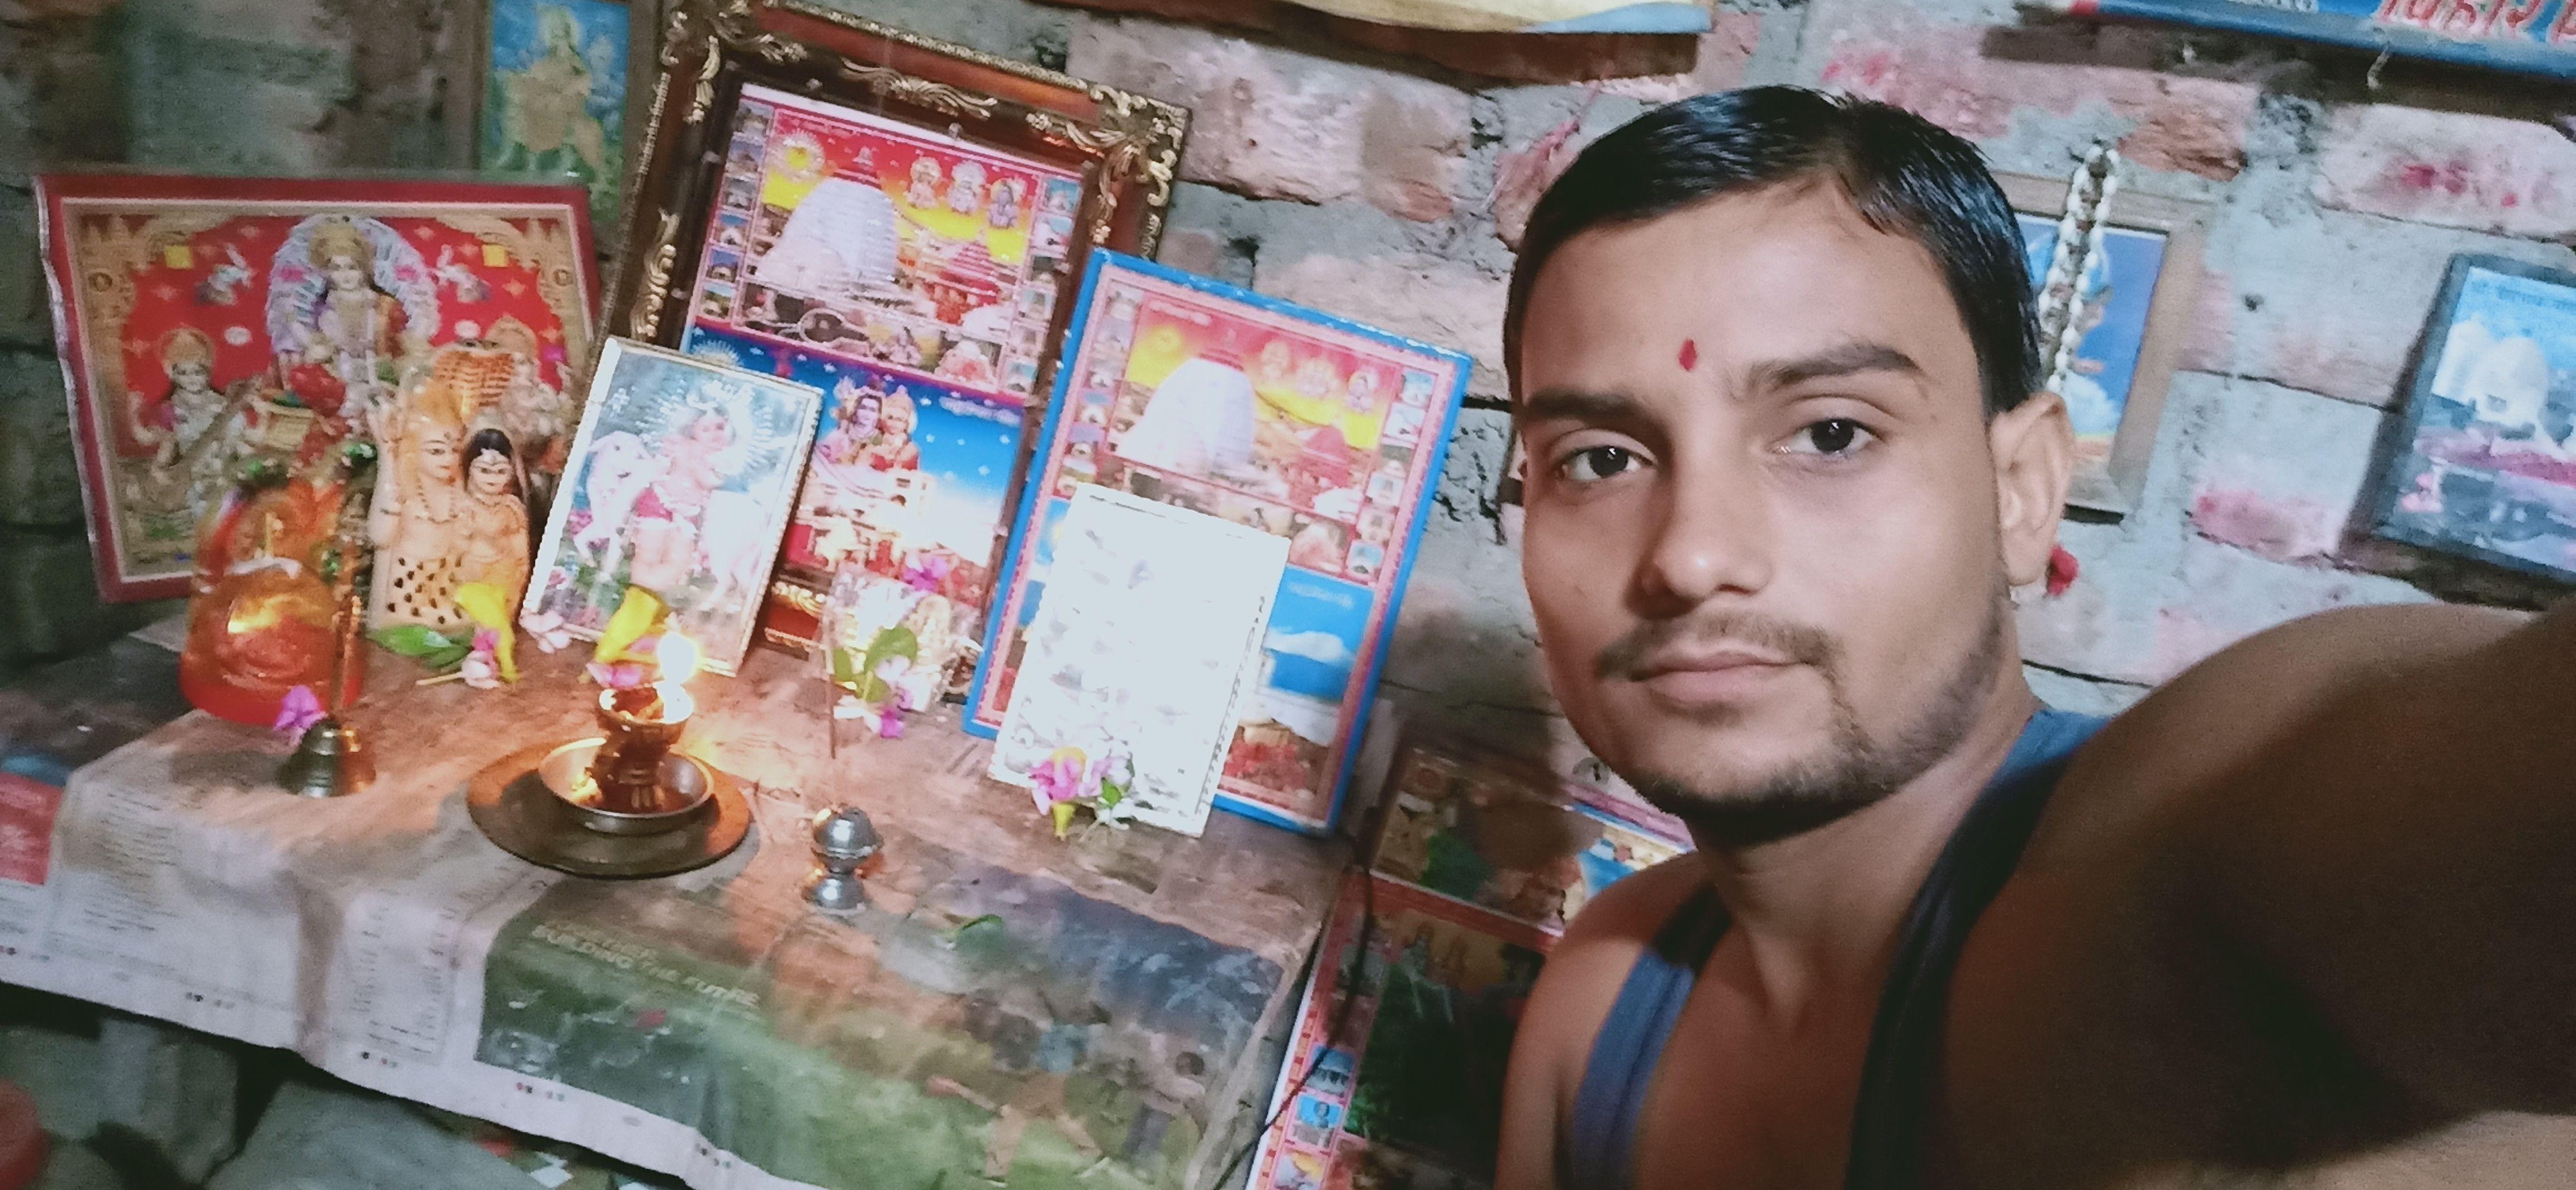 Pankaj Mandal With Images Lord Krishna Lord Krishna